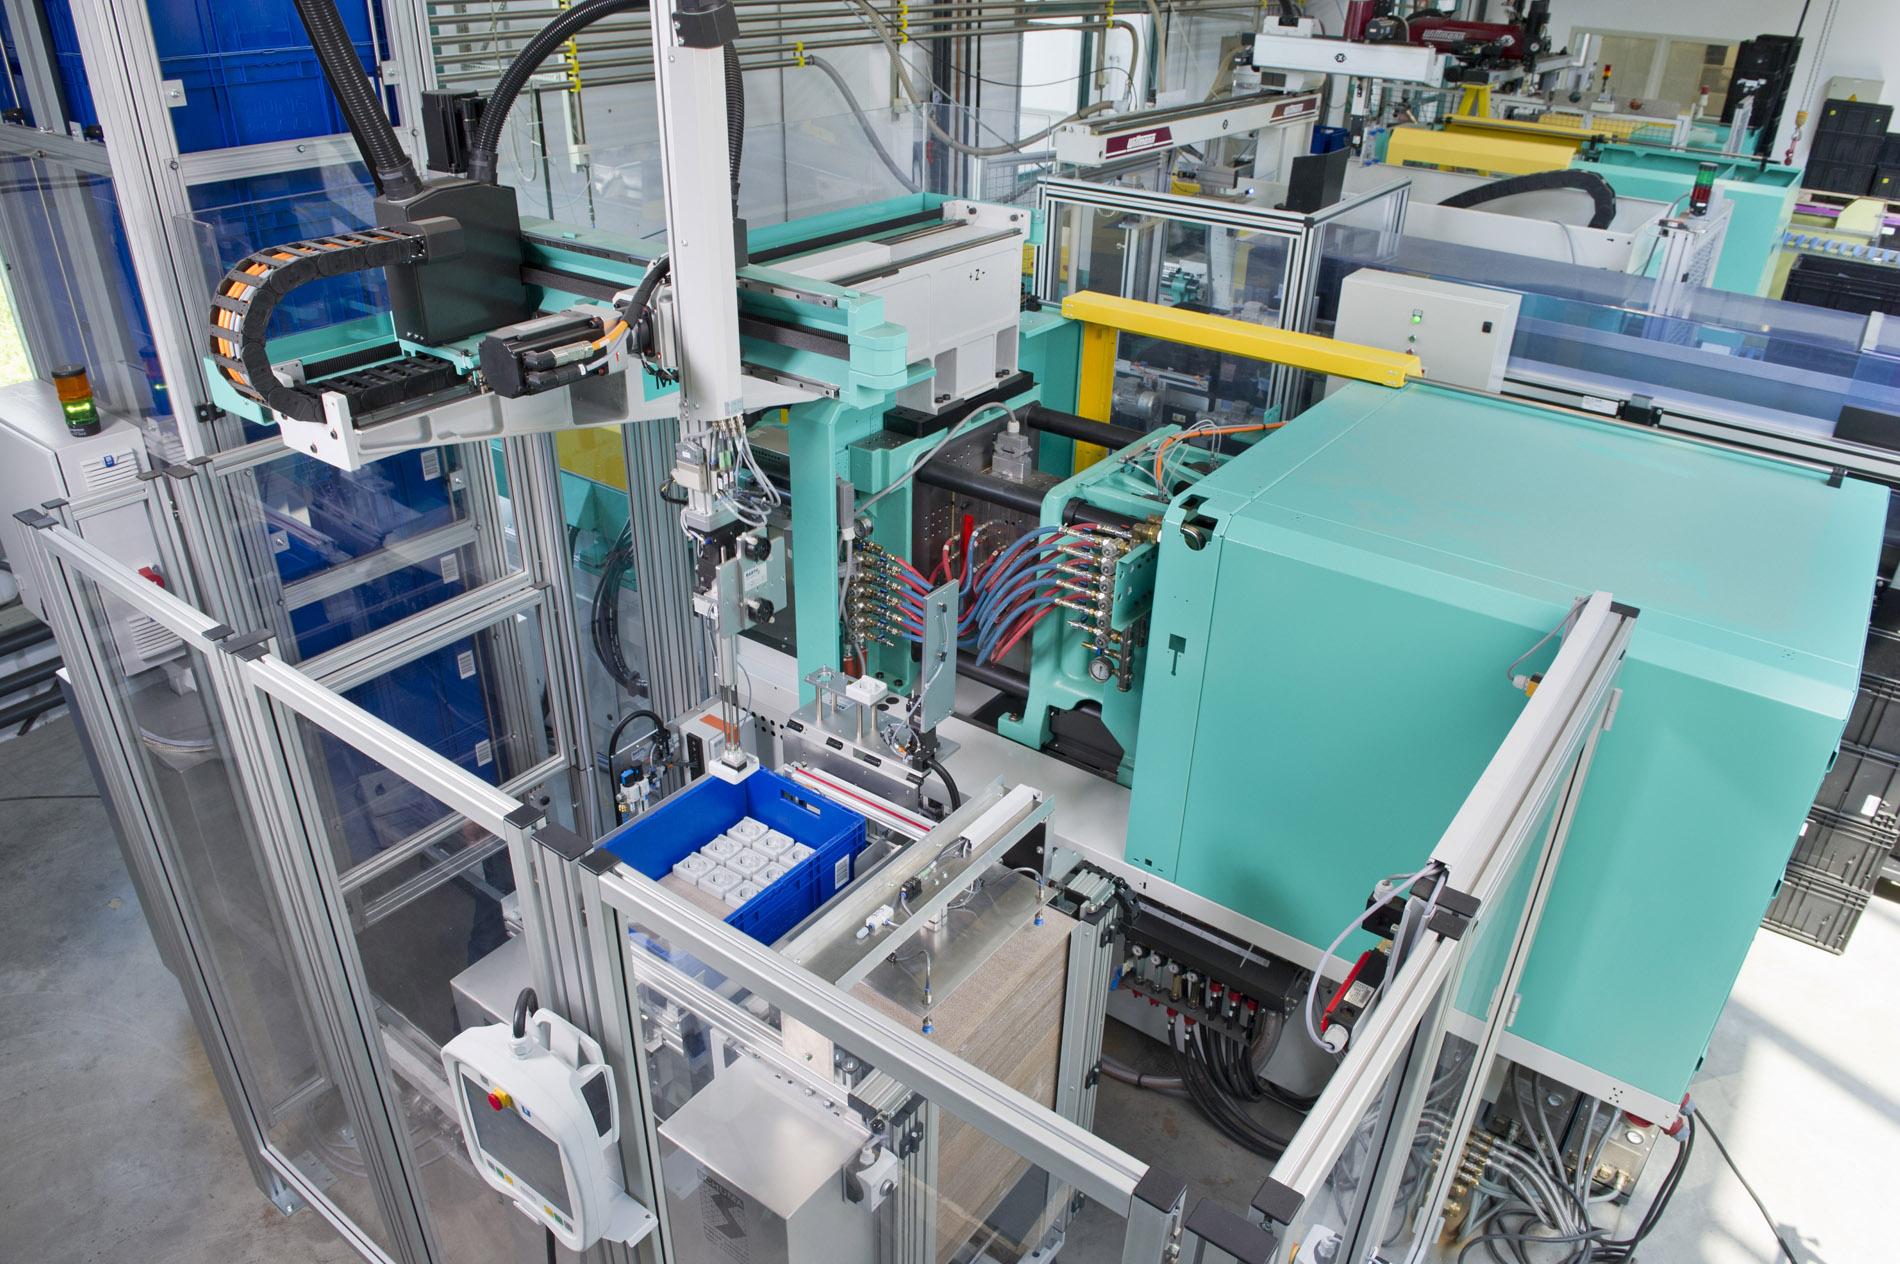 Industriefotografien von Spritzgussverfahren und Maschinen